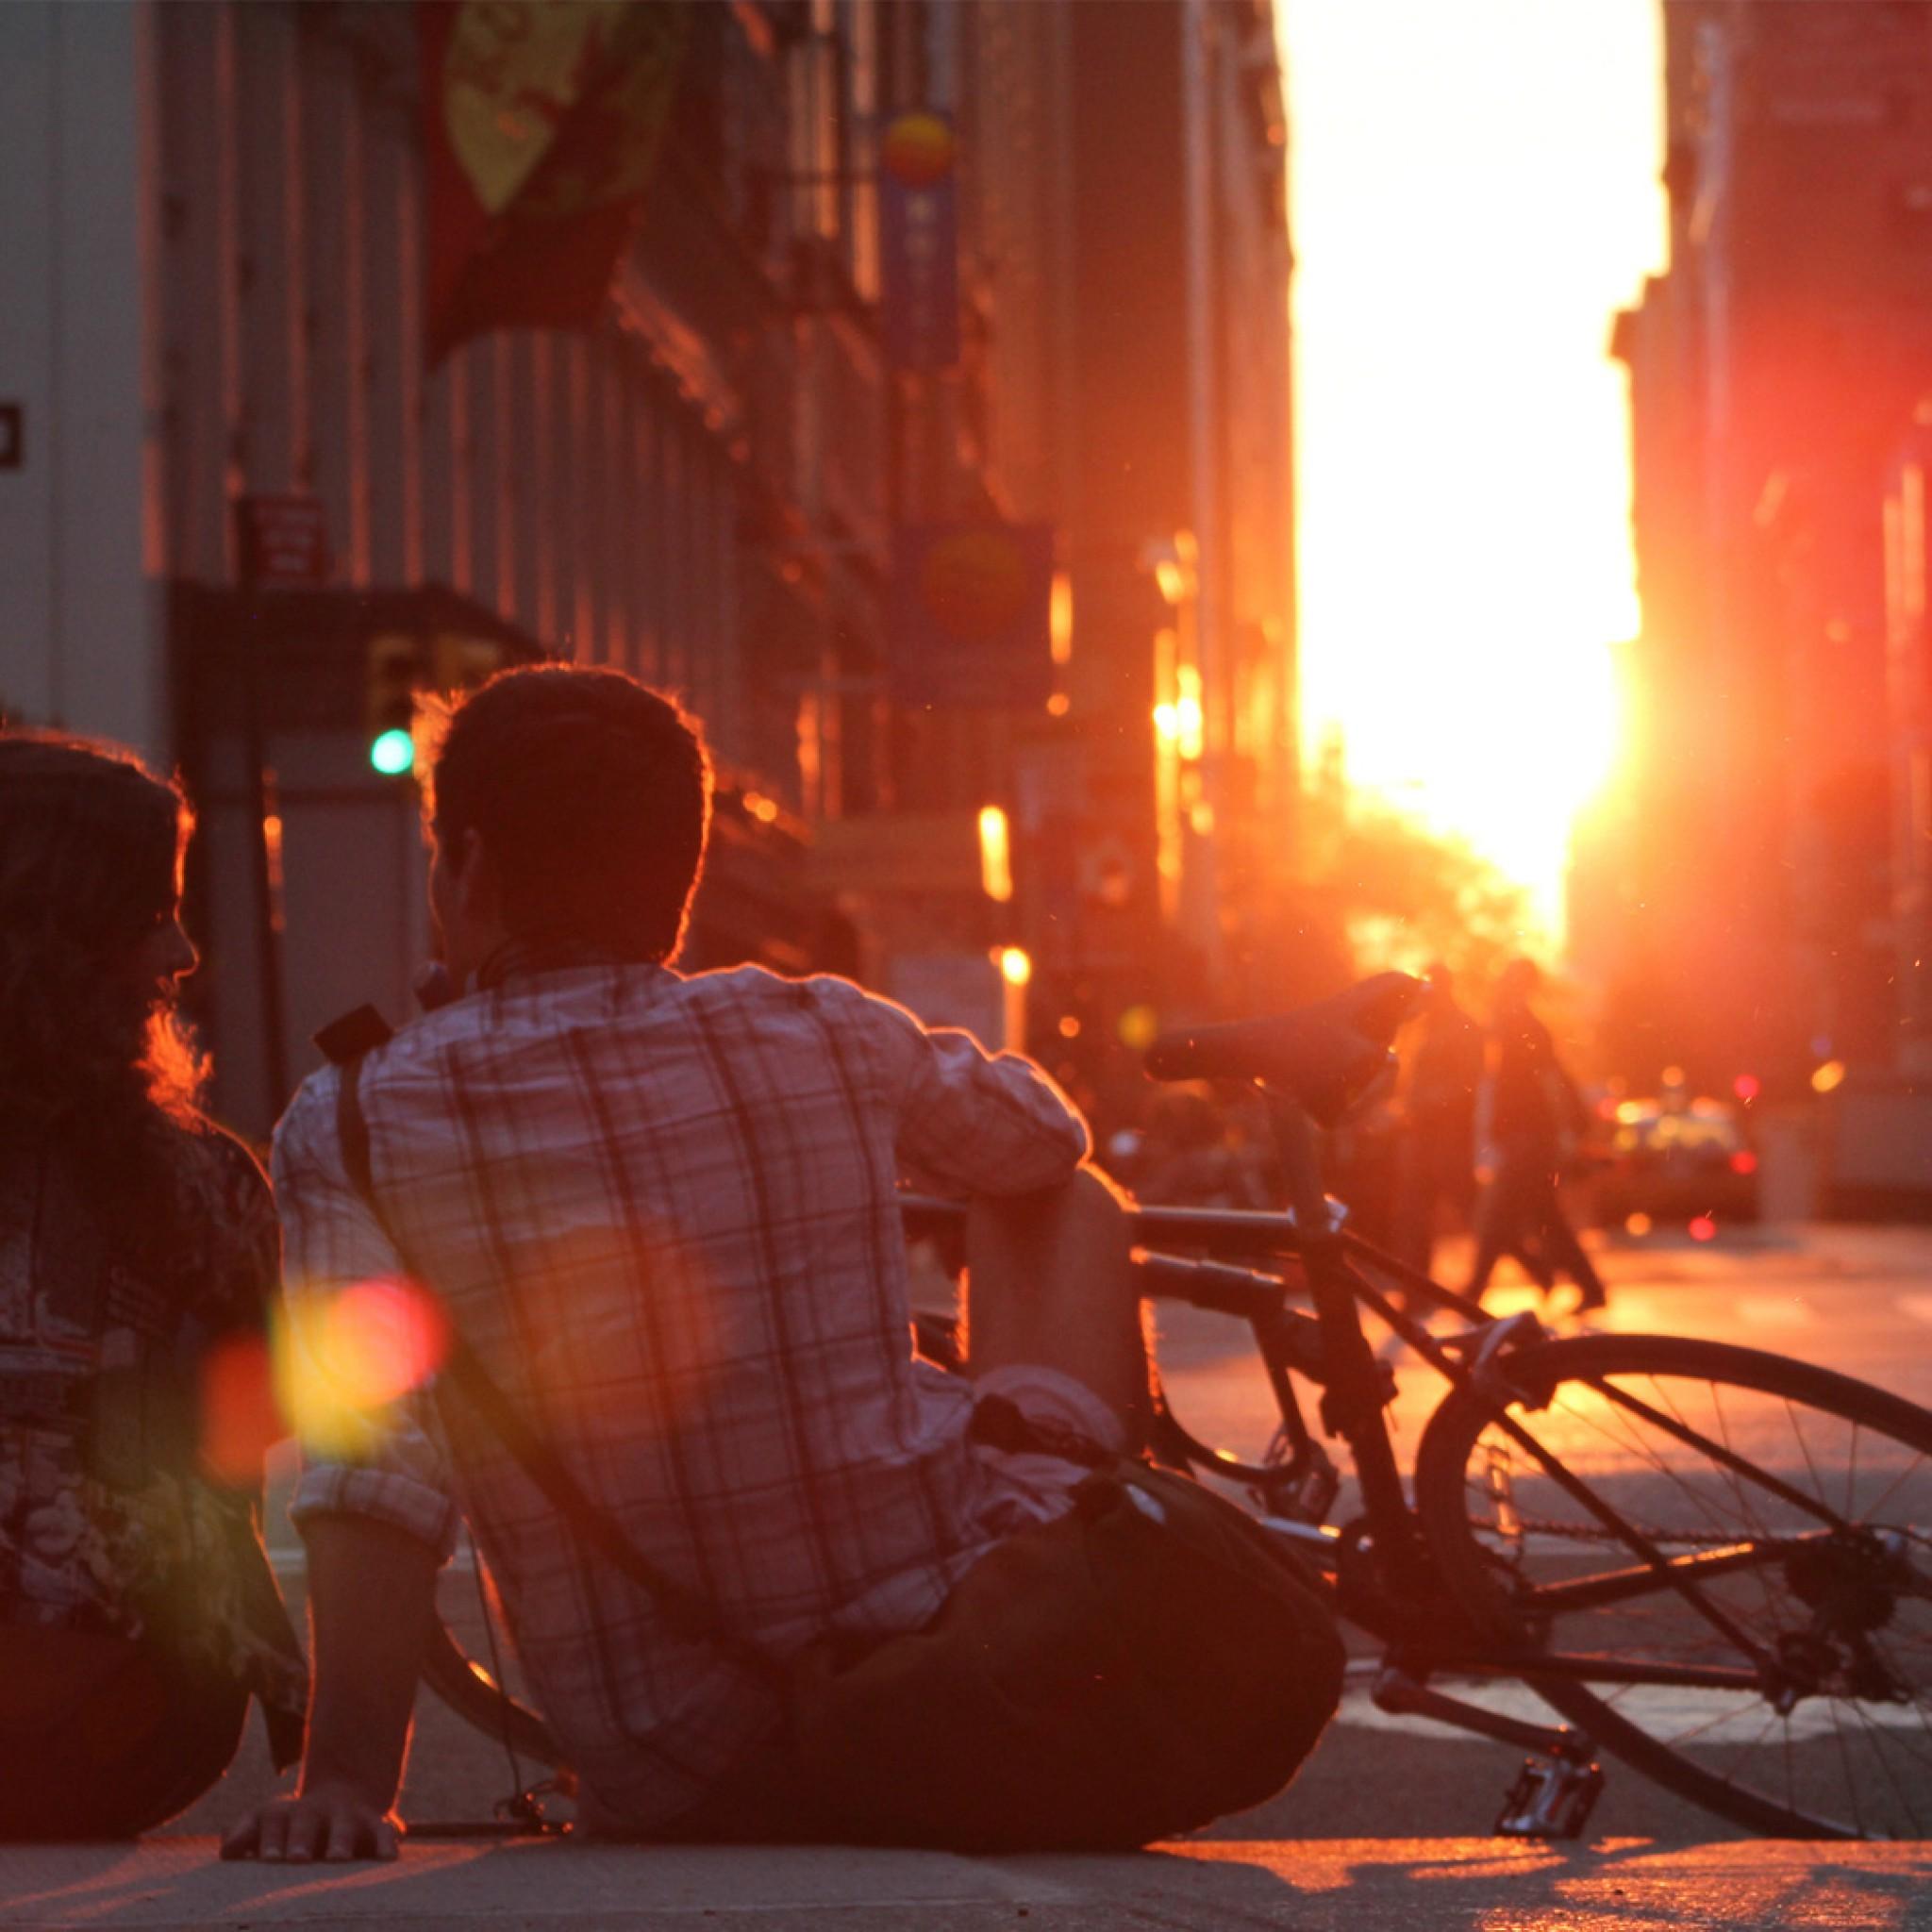 Amor de Bicicleta: namorar e pedalar não tem dia nem hora